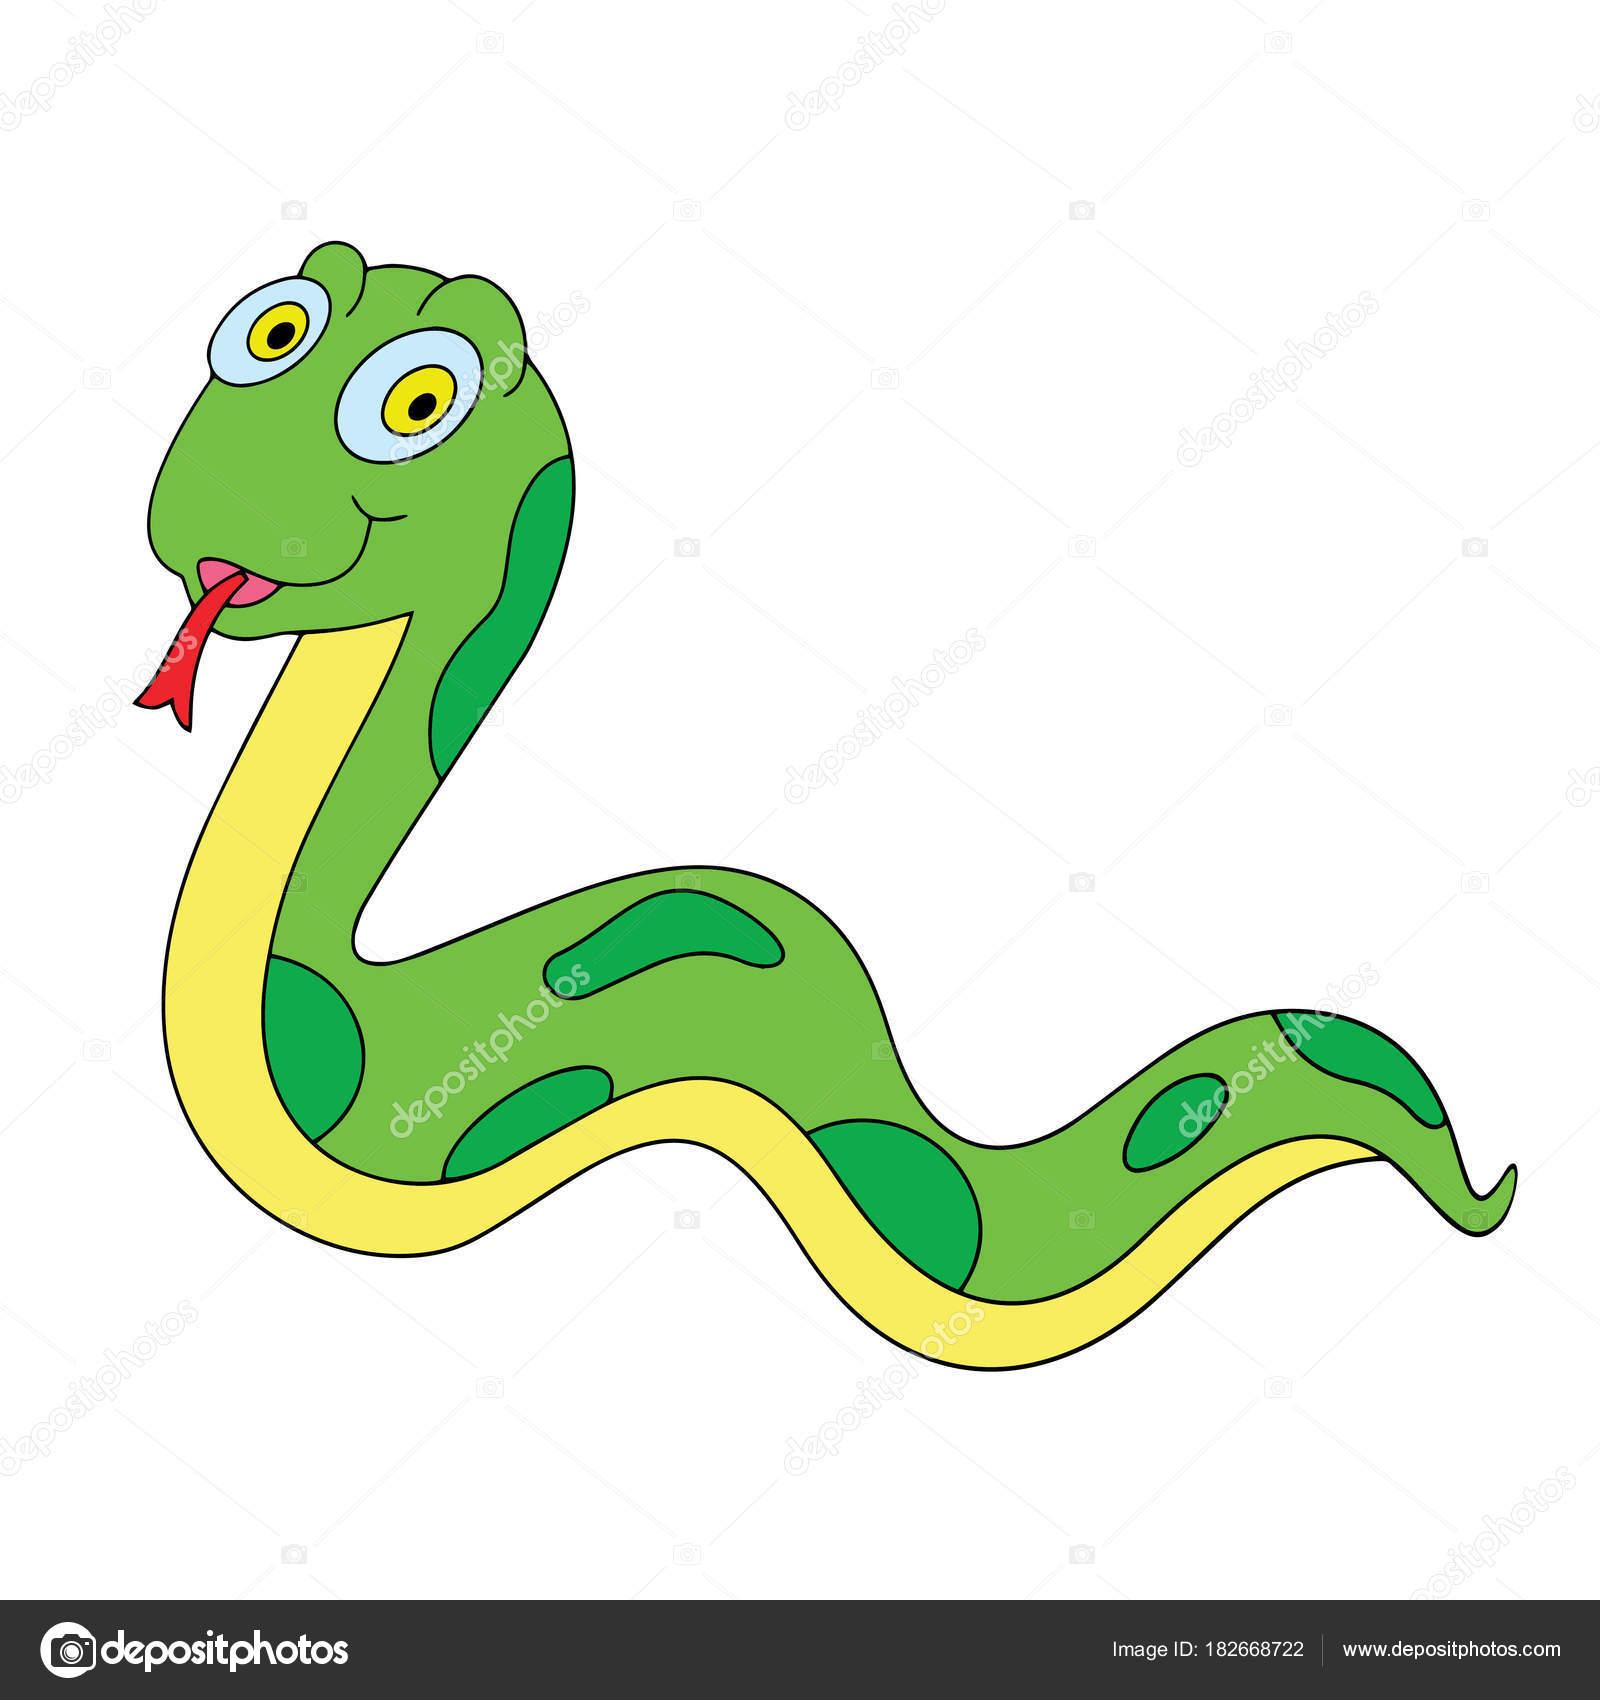 Dibujos Serpiente Estampados Serpiente Dibujos Animados Sobre